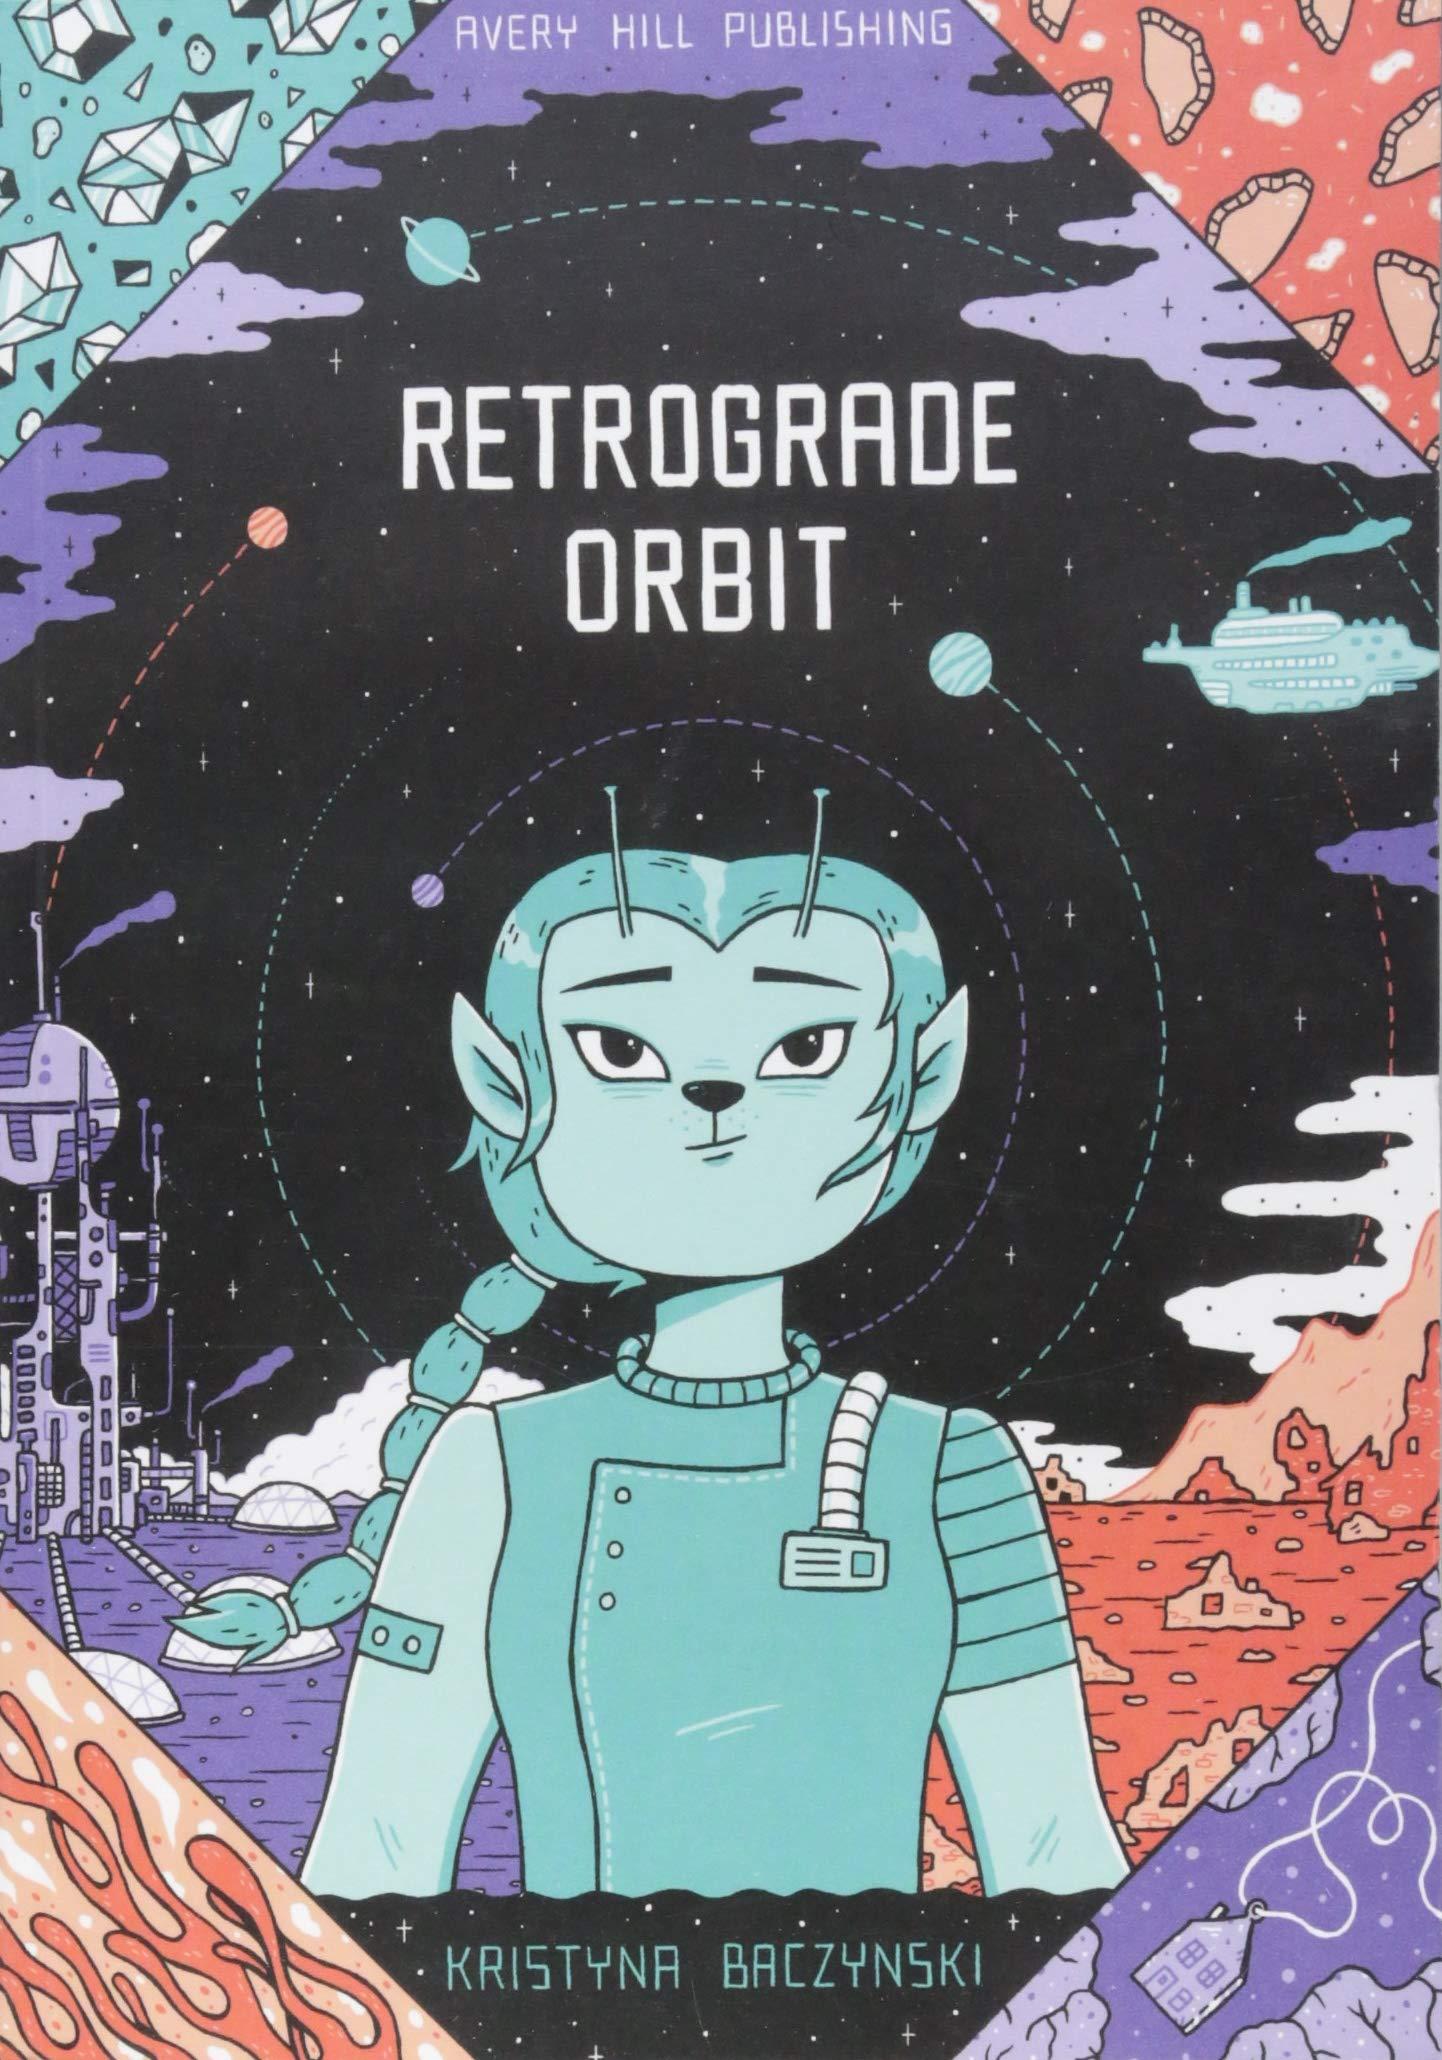 Retrograde Orbit: Baczynski, Kristyna: 9781910395424: Amazon.com: Books